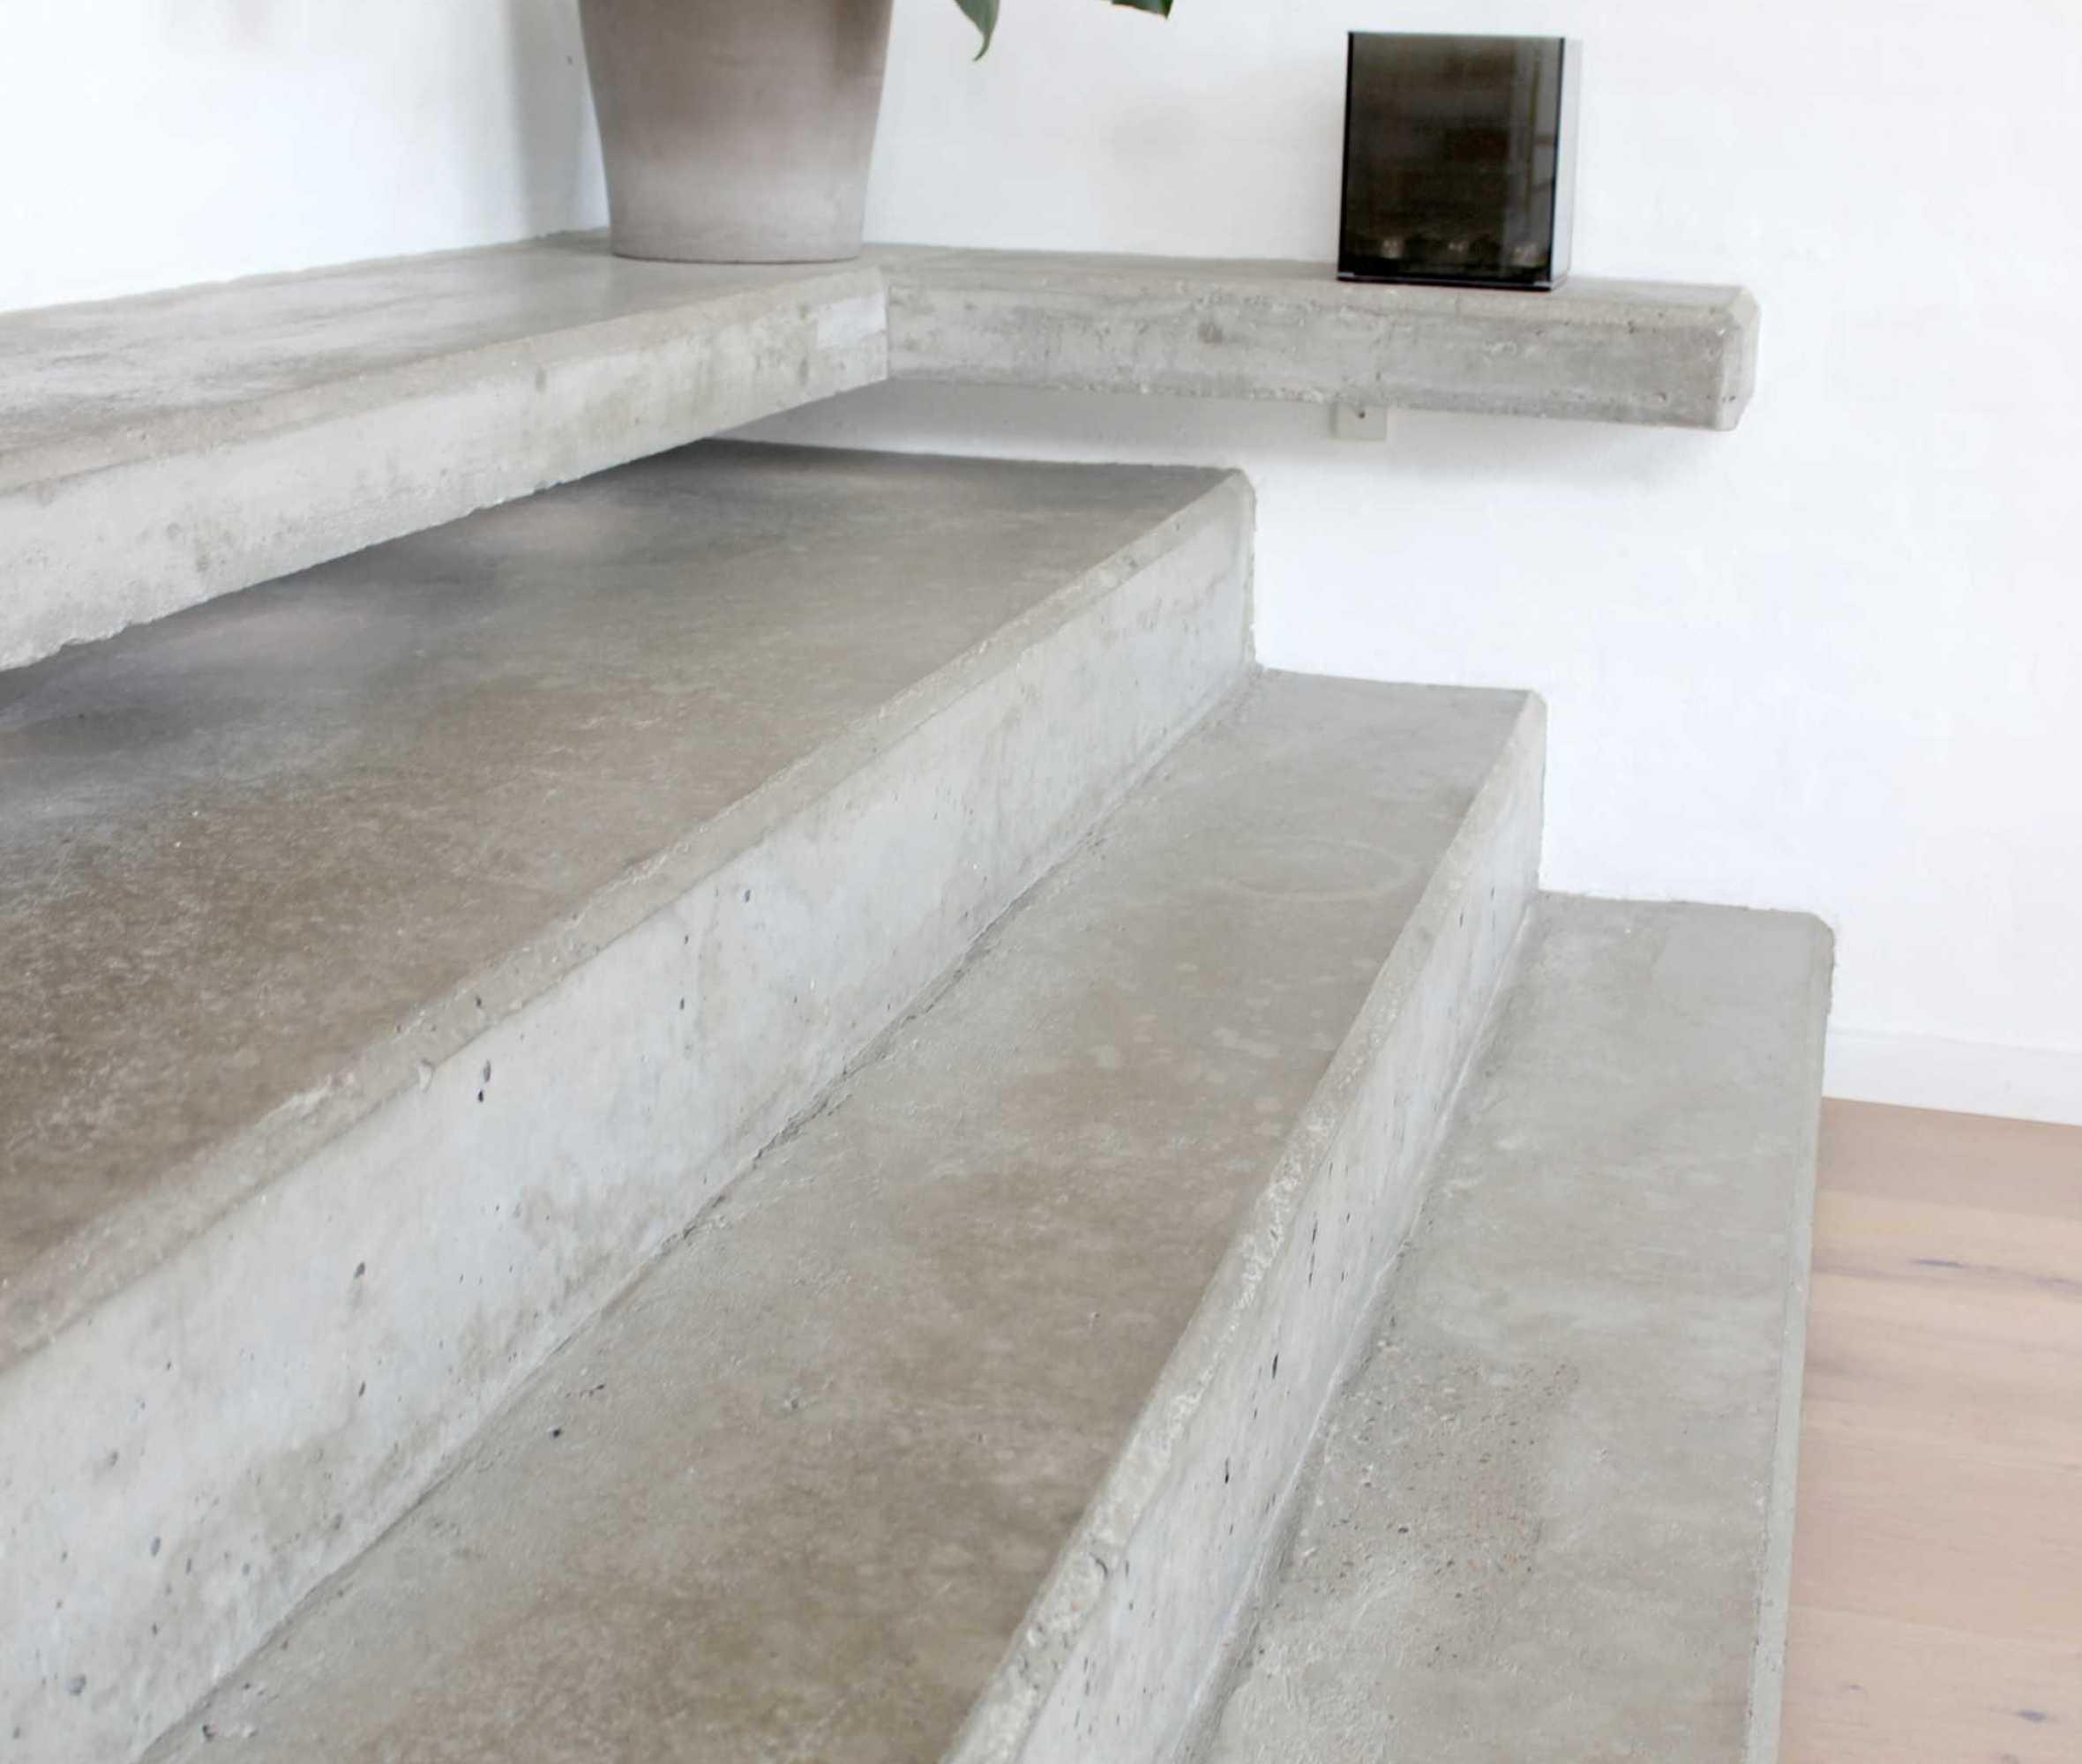 Betontrappen fungerer både som møbel og bindeled mellem det oprindelige hus og tilbygning. Trappen skaber kontrast og tilføjer en flot stoflighed i rummet.